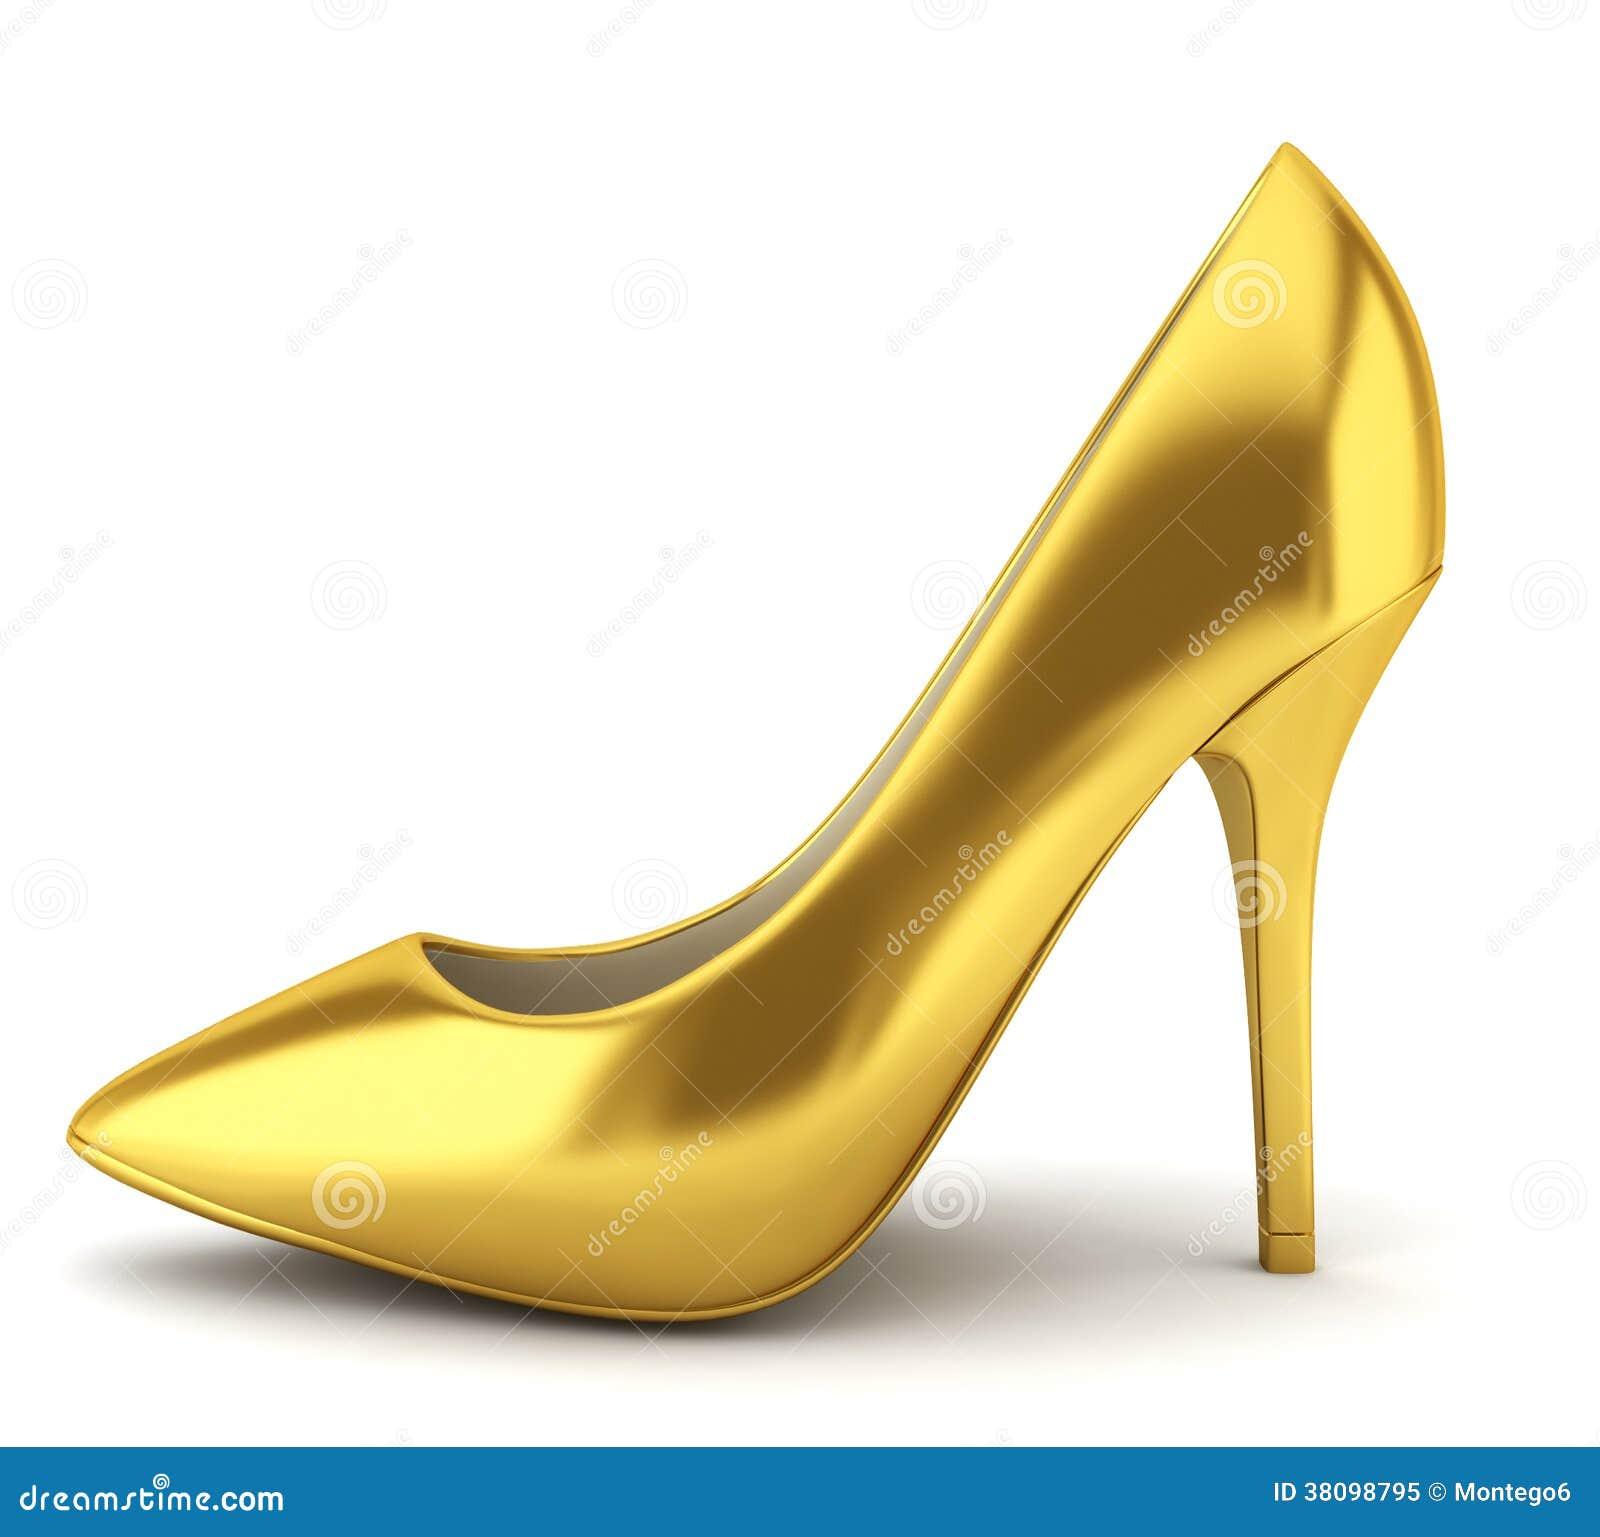 High Heel Shoe Vector Art